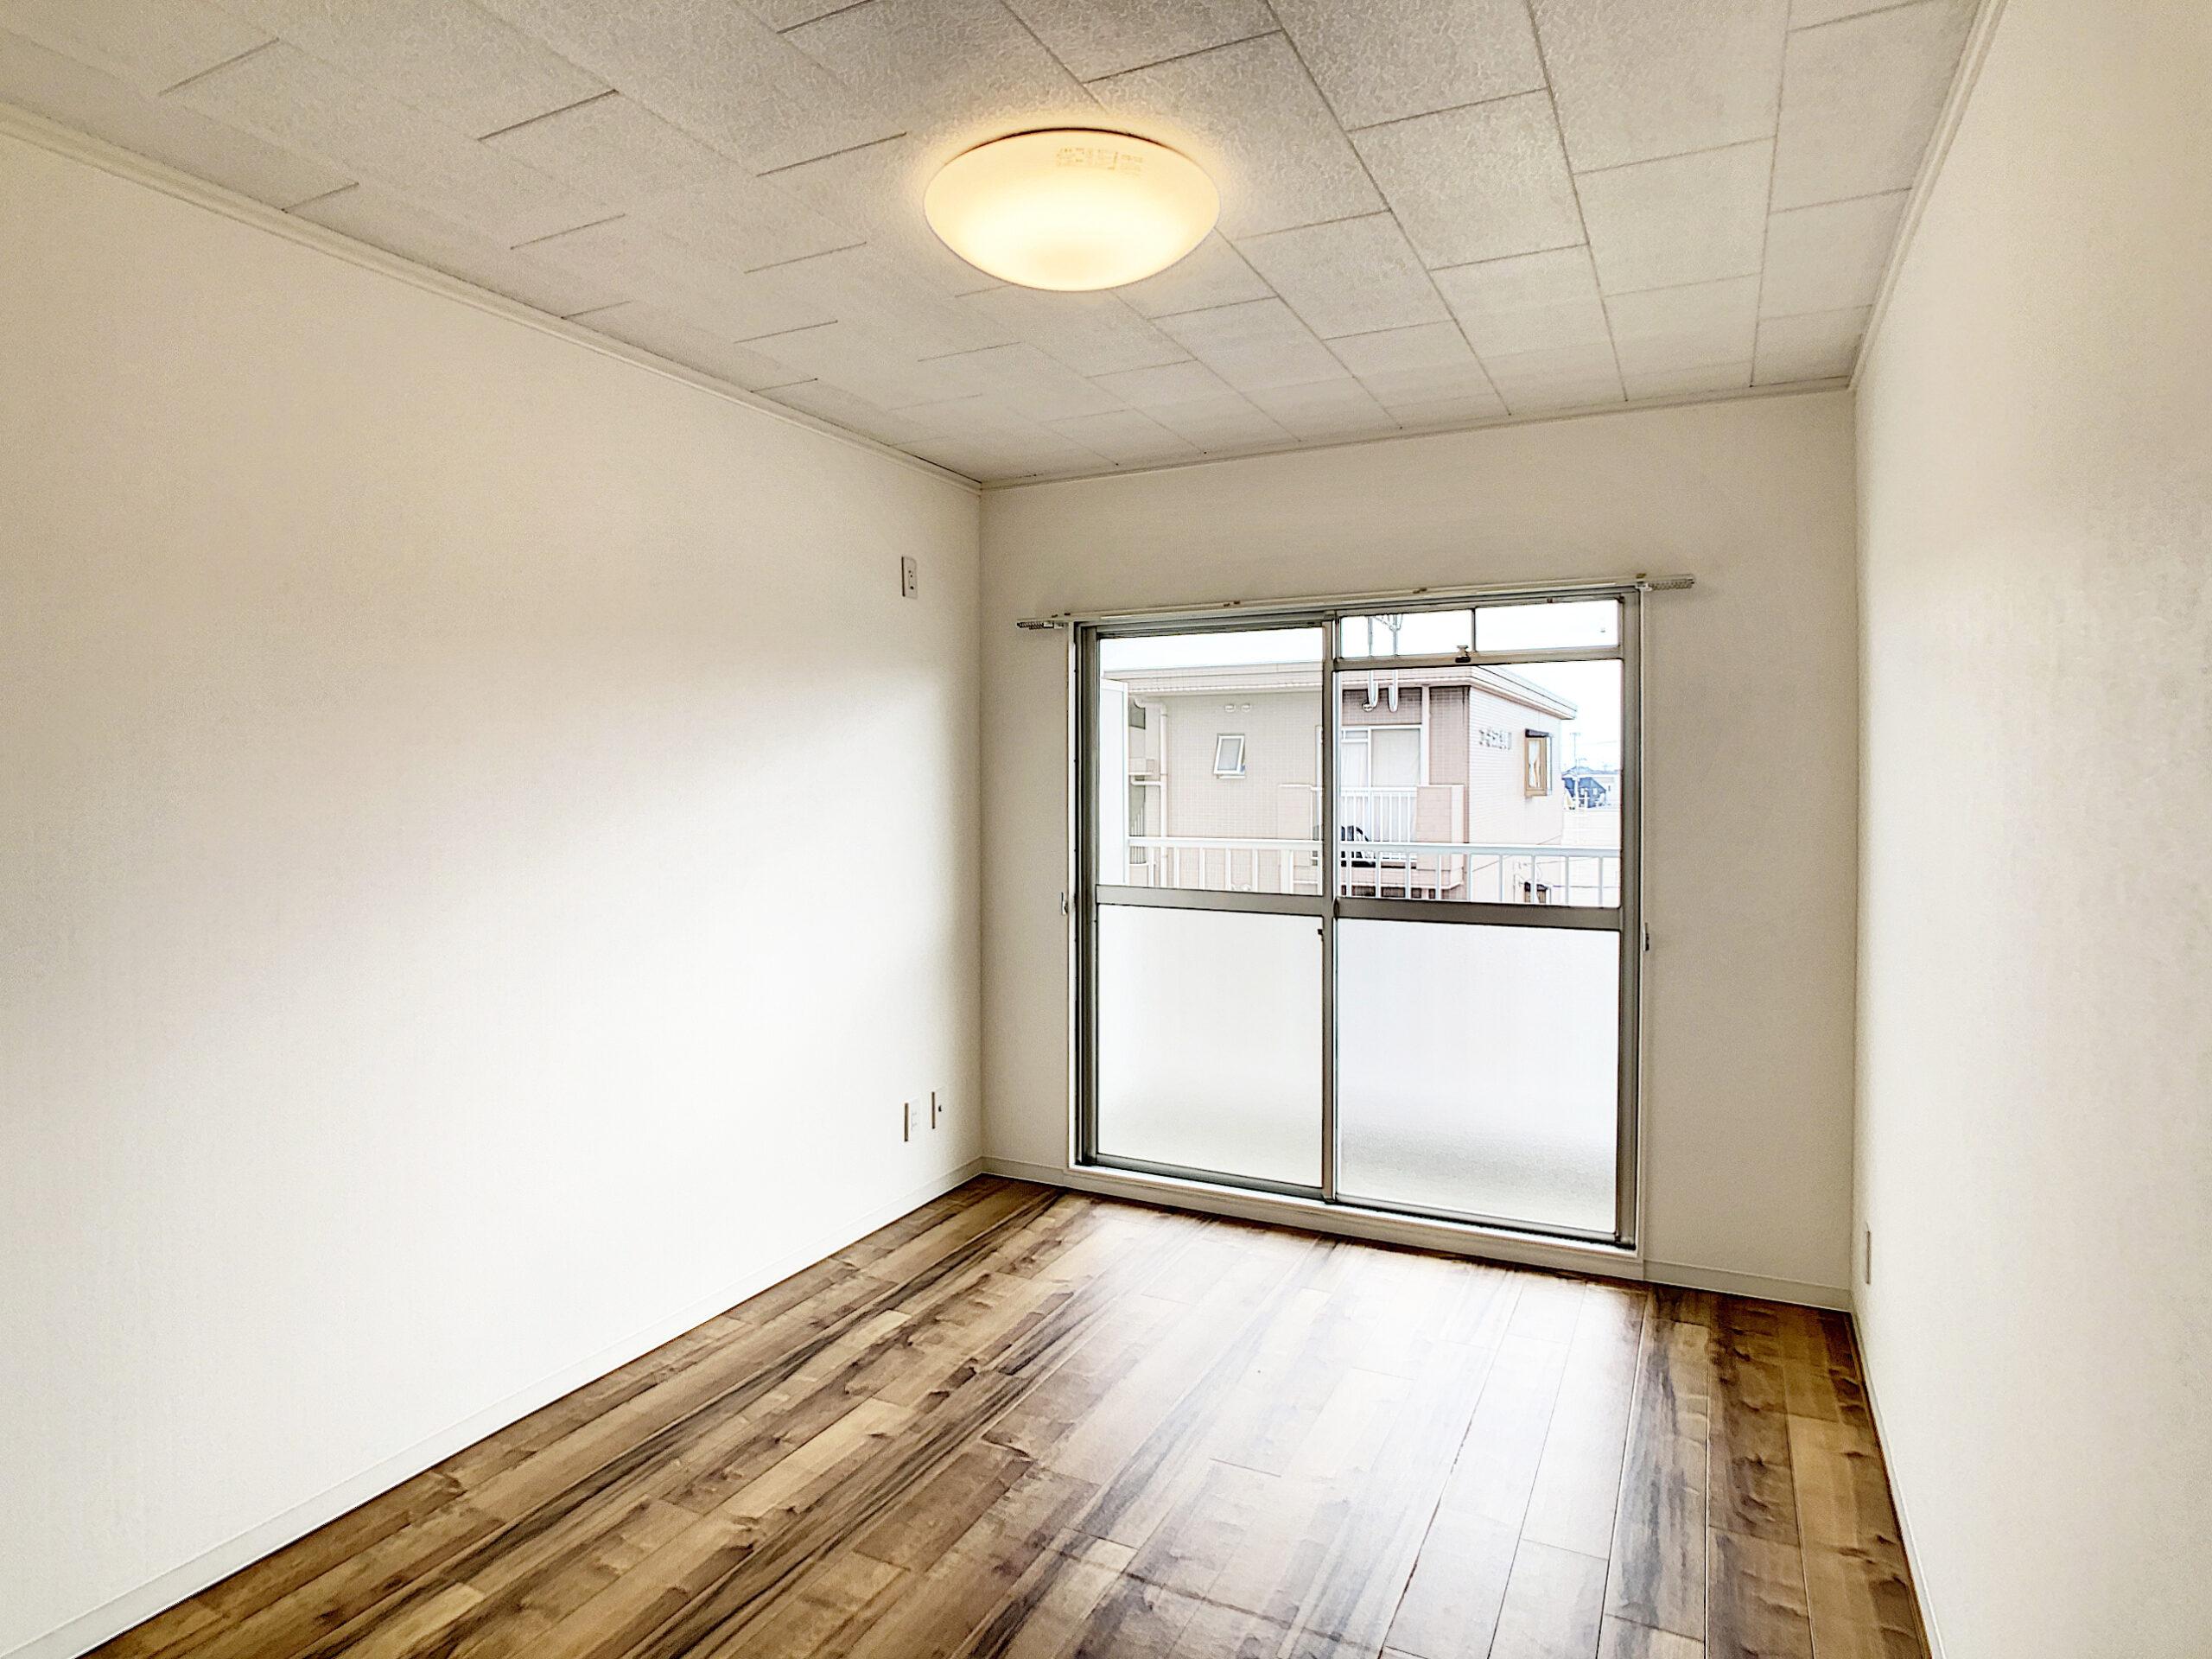 電球色の照明でシンプルな白いお部屋も暖かみのある空間に。